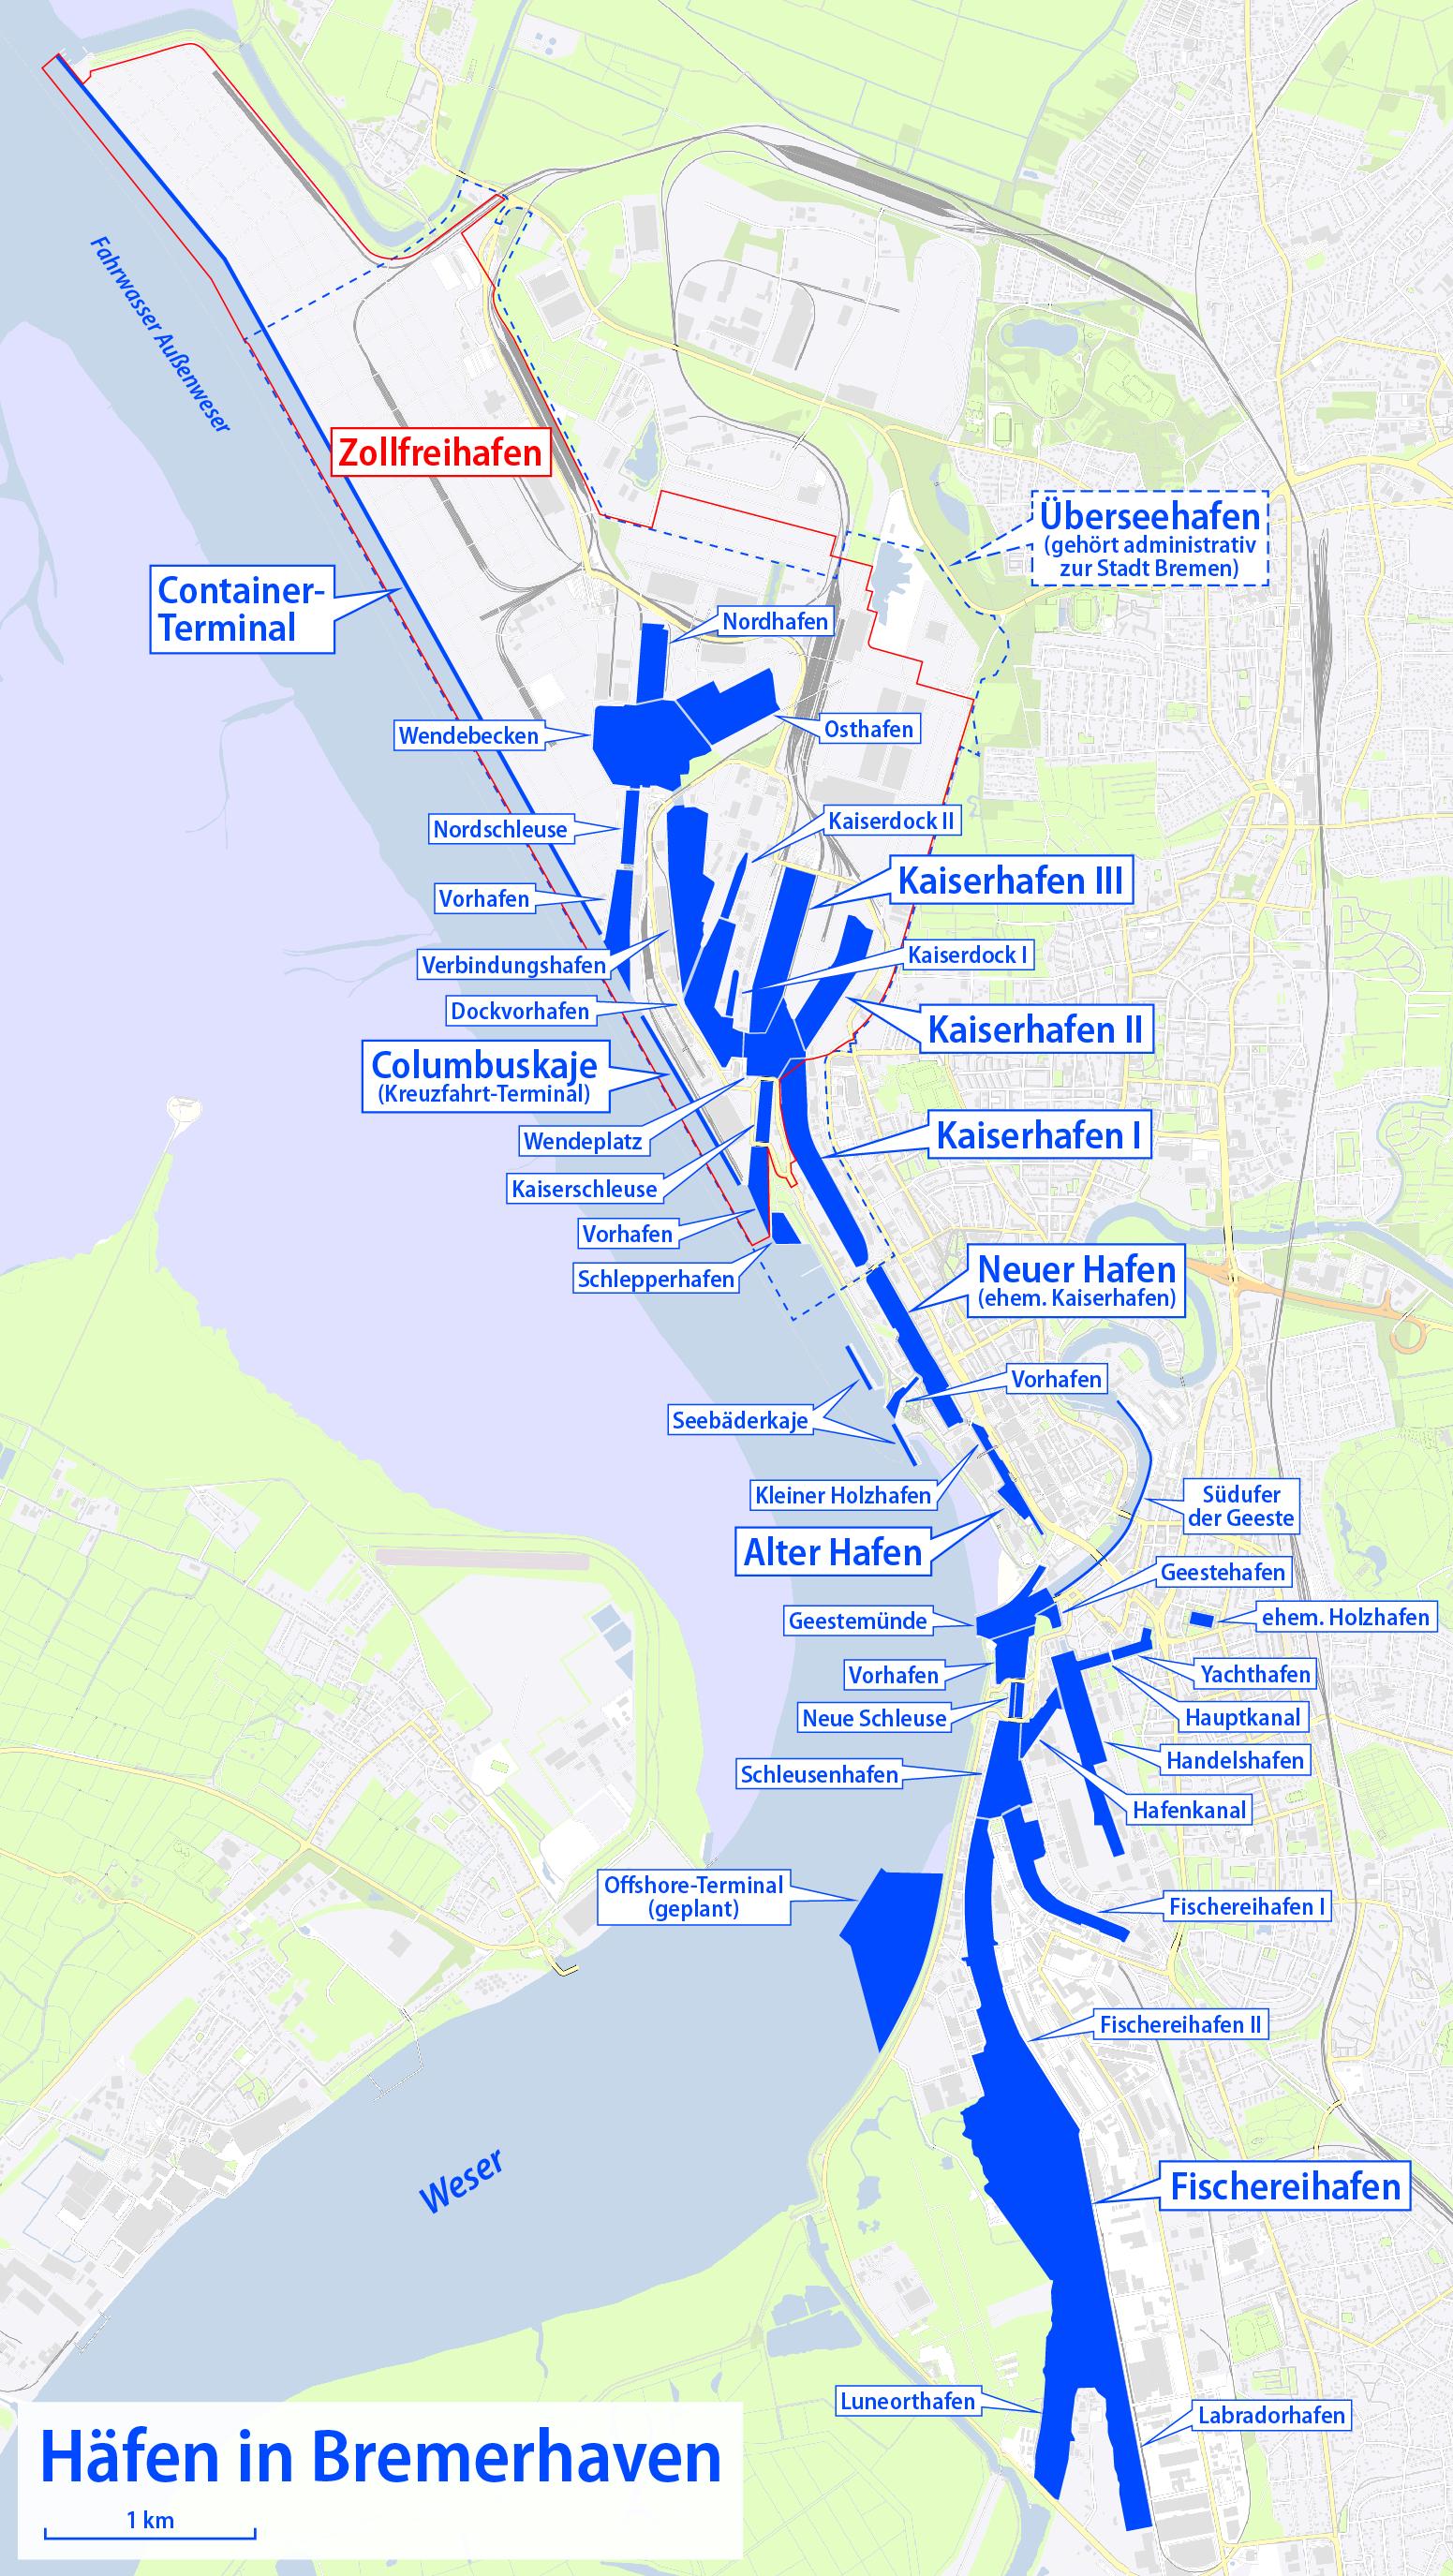 bremerhaven karte Datei:Karte der Häfen in Bremerhaven.png – Wikipedia